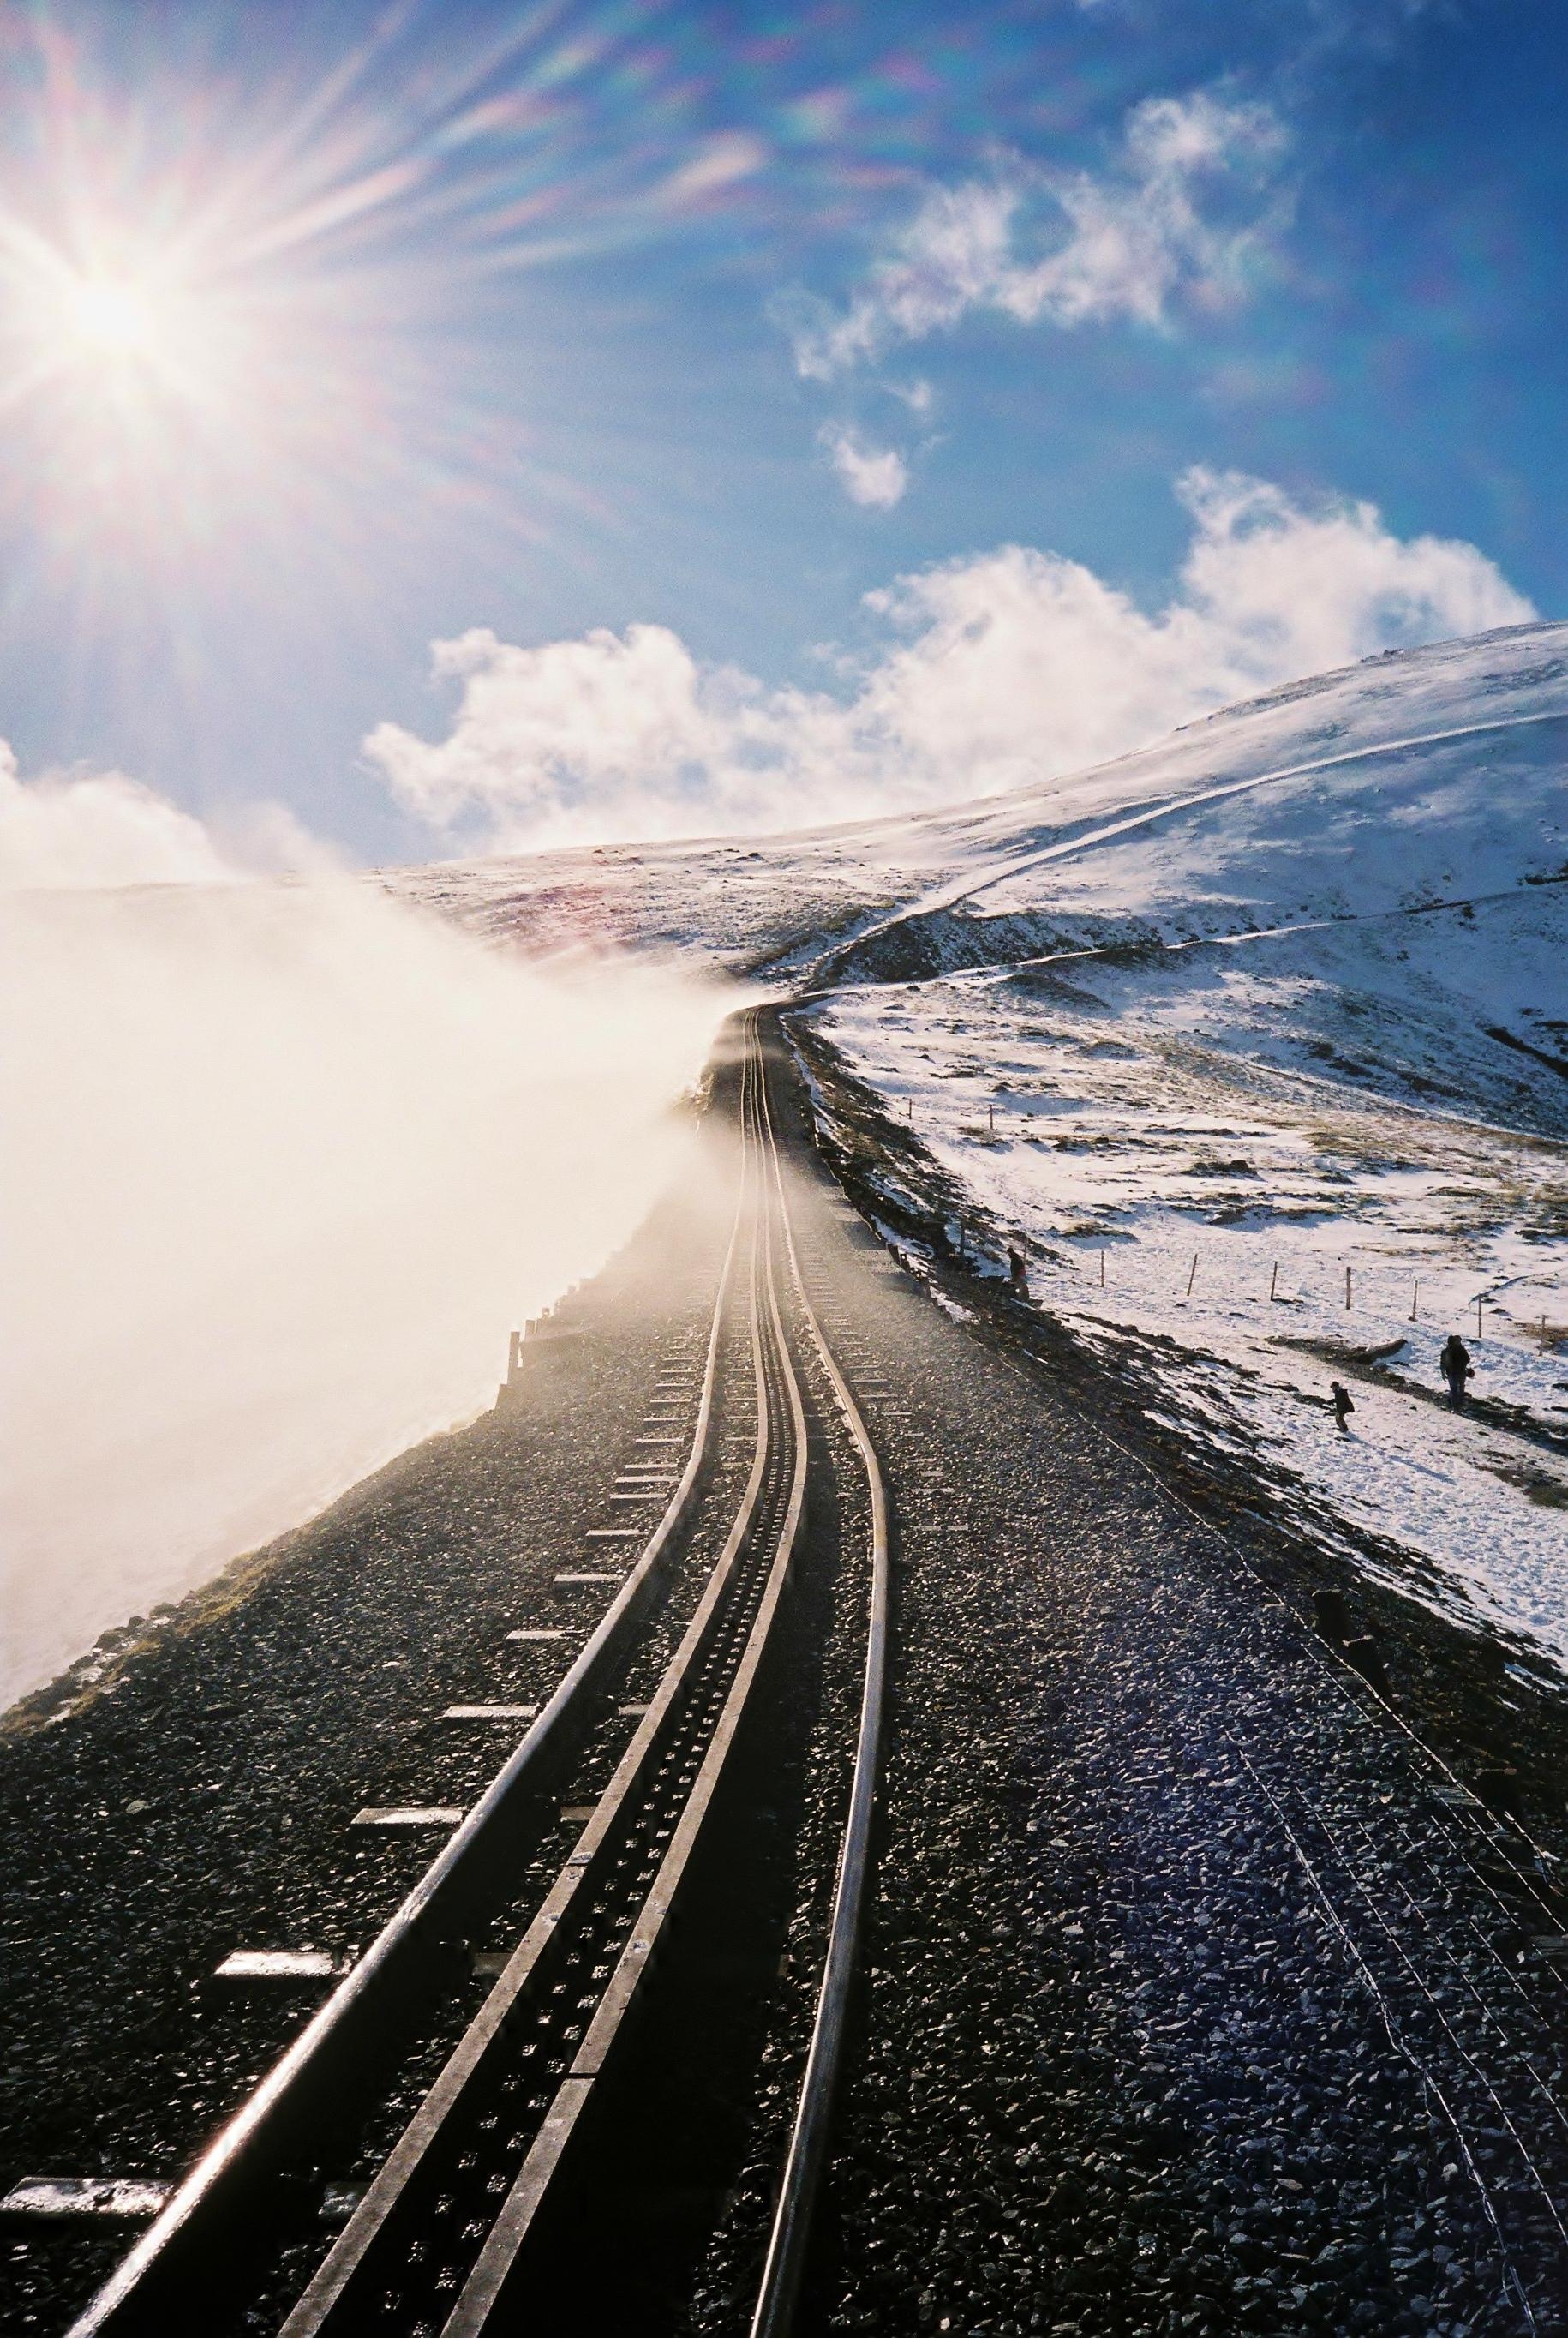 Snowdon Mountain Railway, XA4 Superia